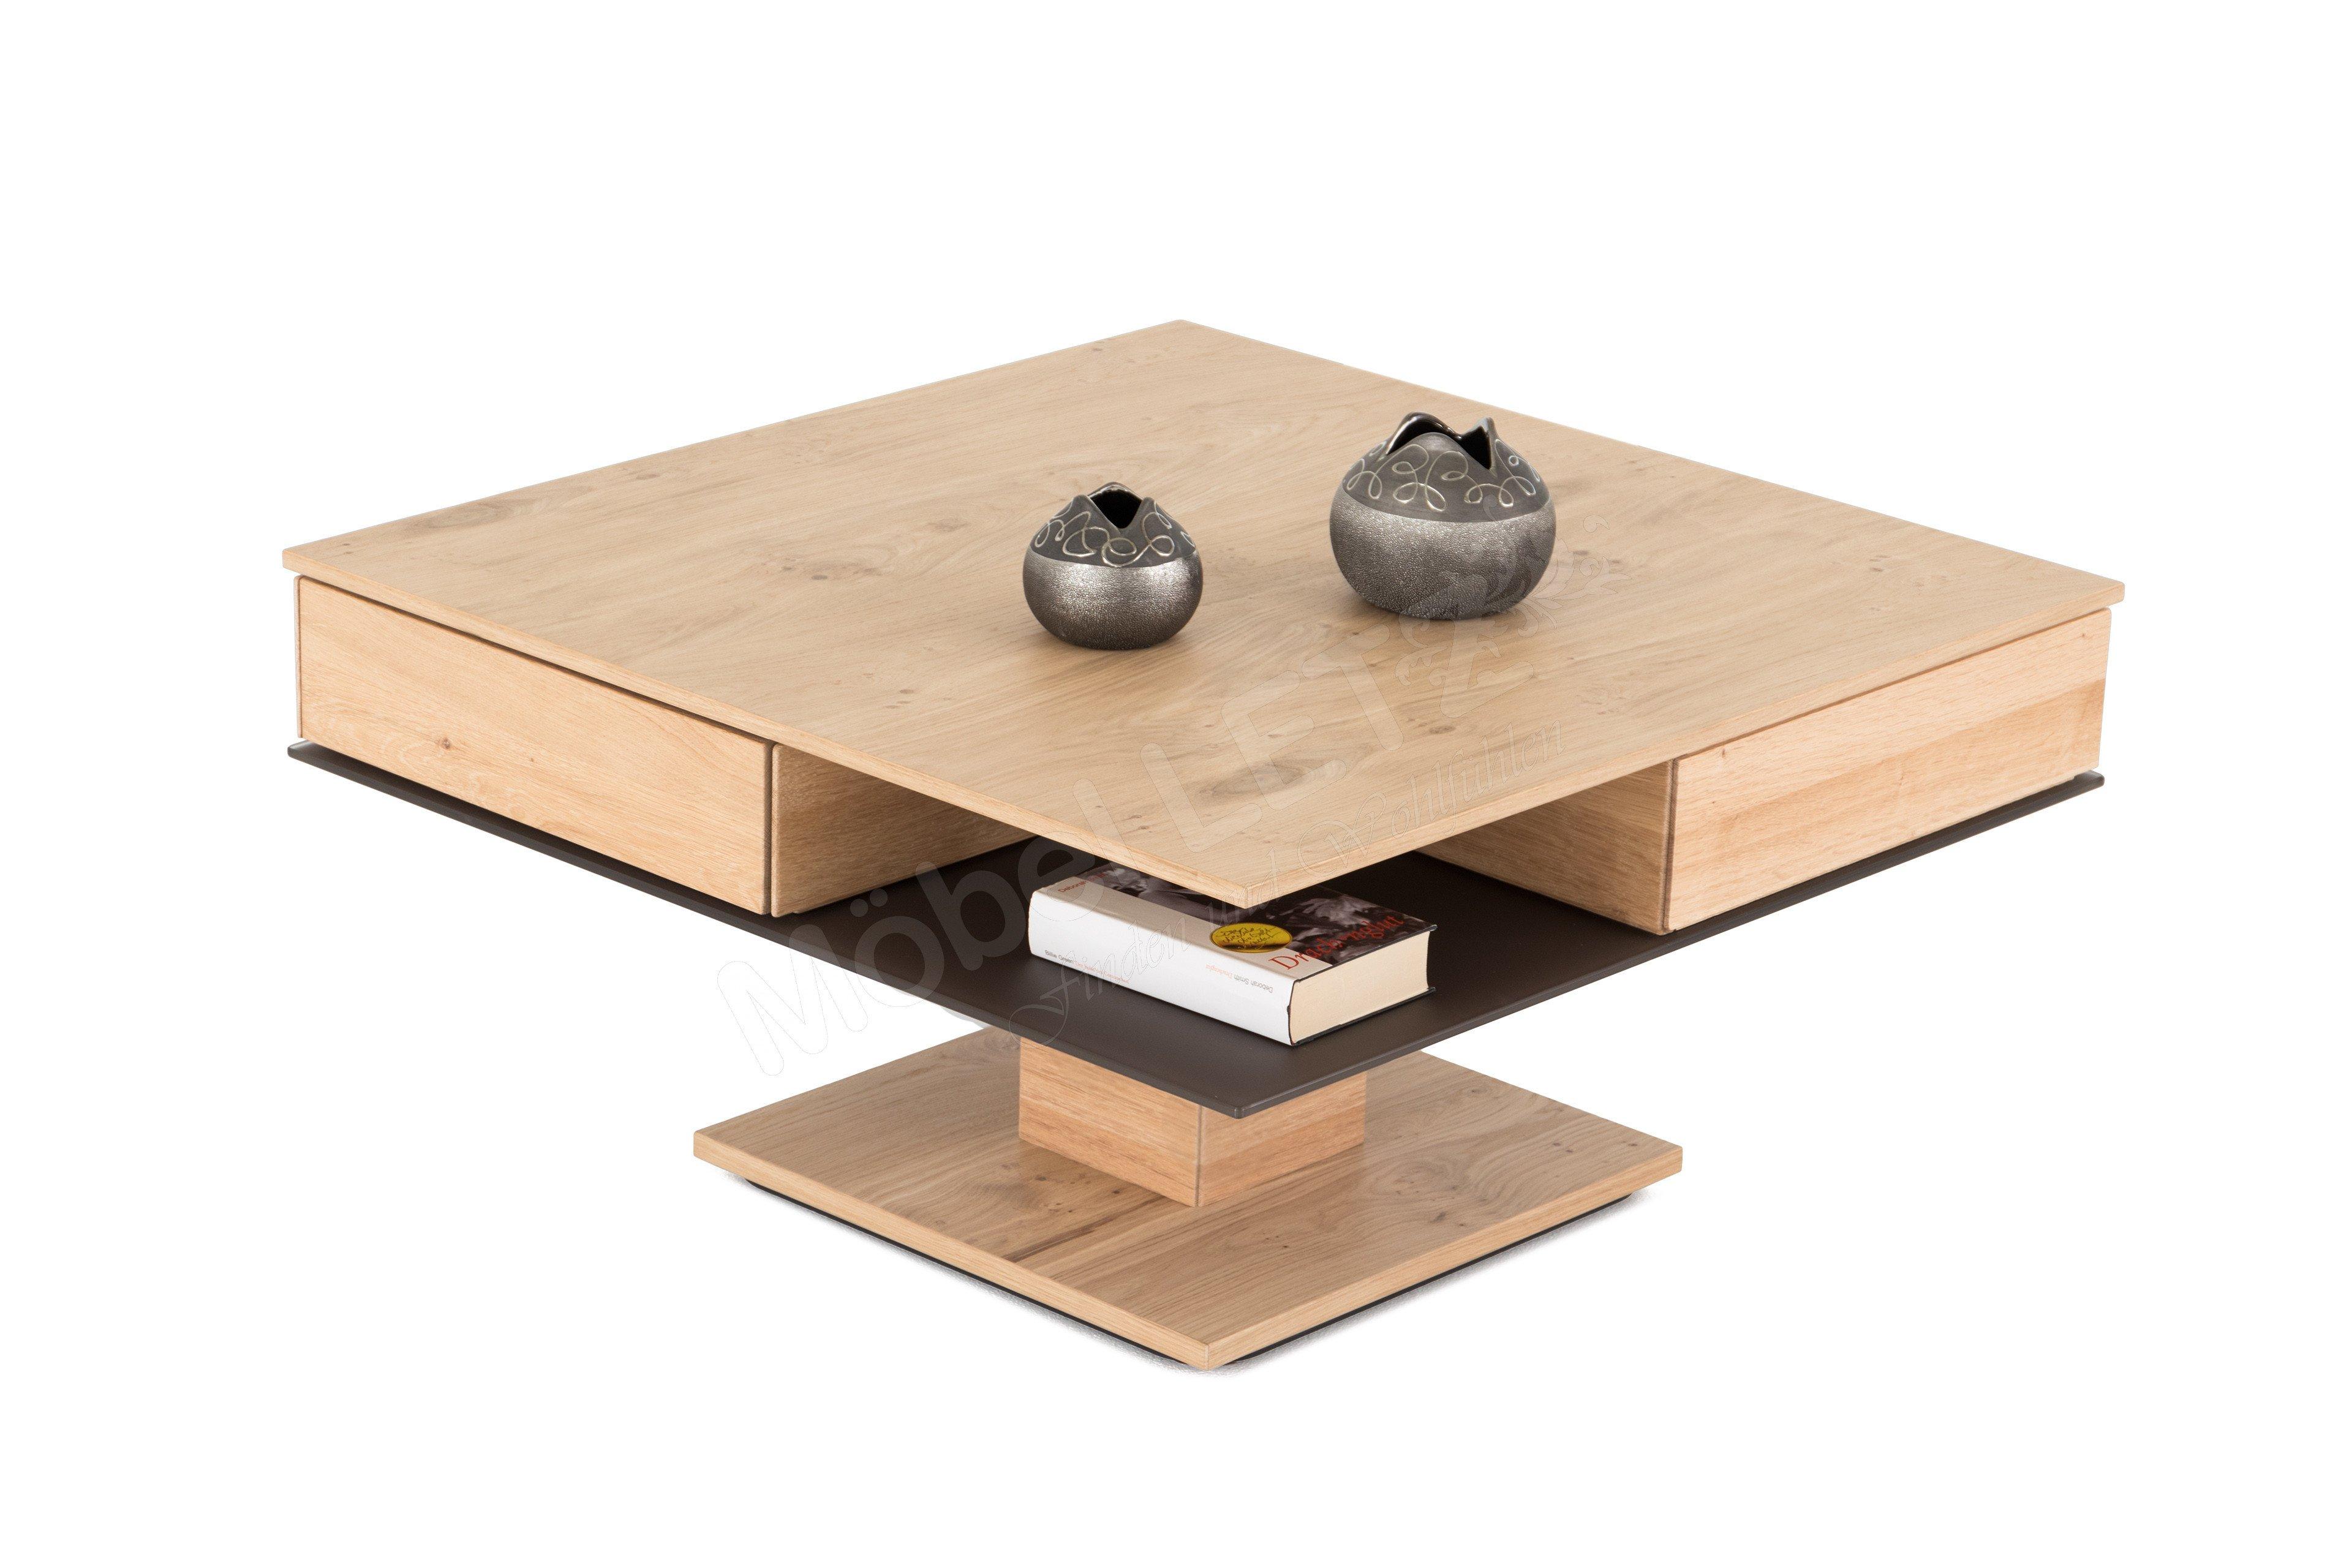 voglauer h henverstellbarer couchtisch v montana wildeiche und 2 schubladen m bel letz ihr. Black Bedroom Furniture Sets. Home Design Ideas